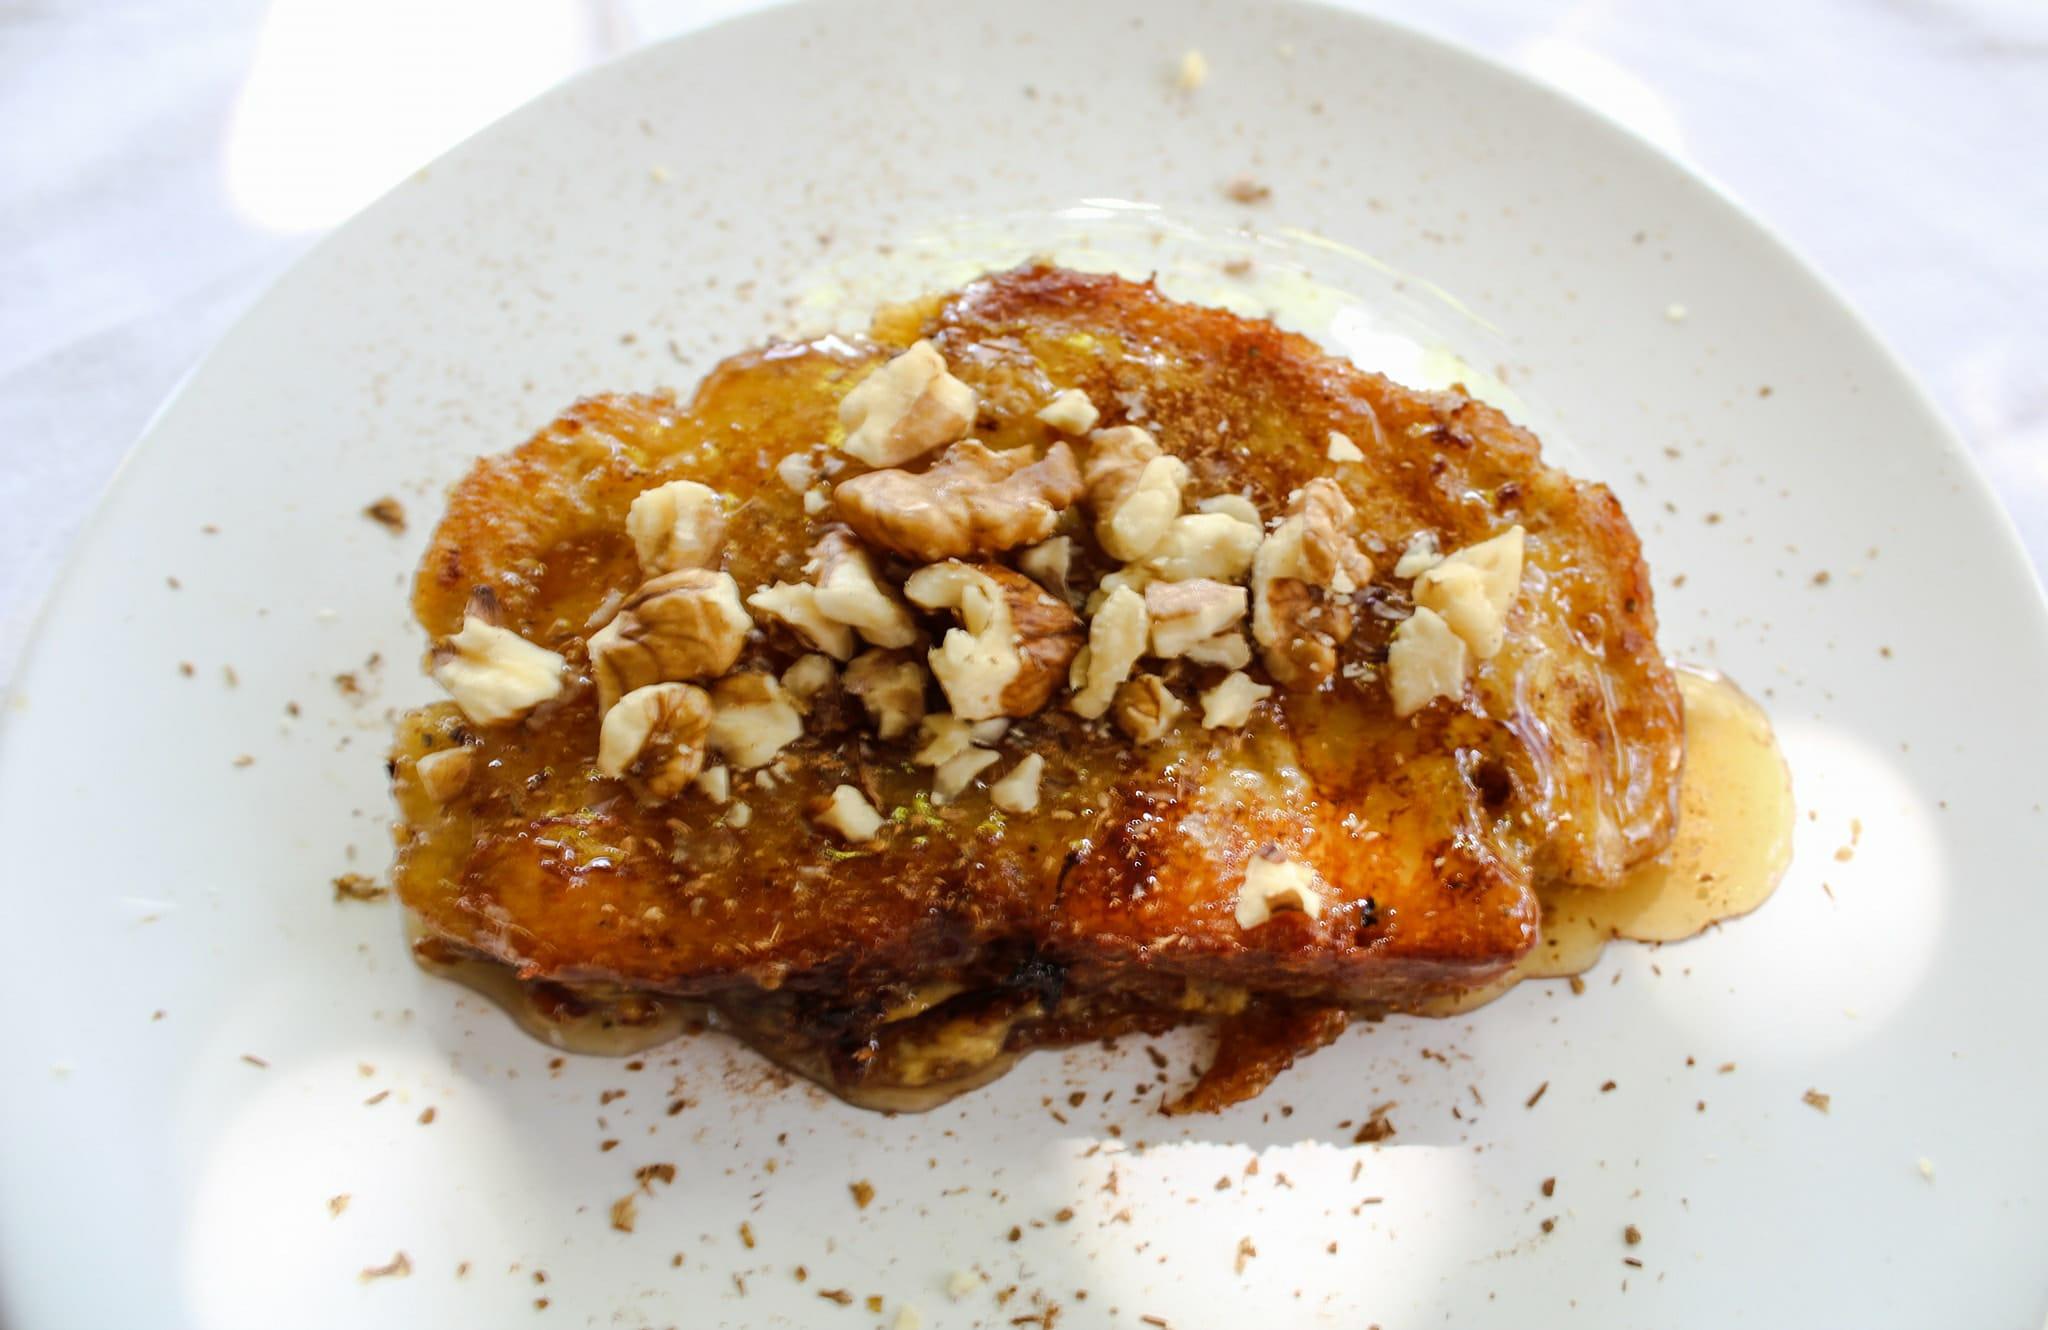 Όταν η γεύση έχει όνομα και μνήμη: Στην Άνδρο τις λέμε Αυγόσουπες. Αυ-γό-σου-πες!, γράφει η Γιάννα